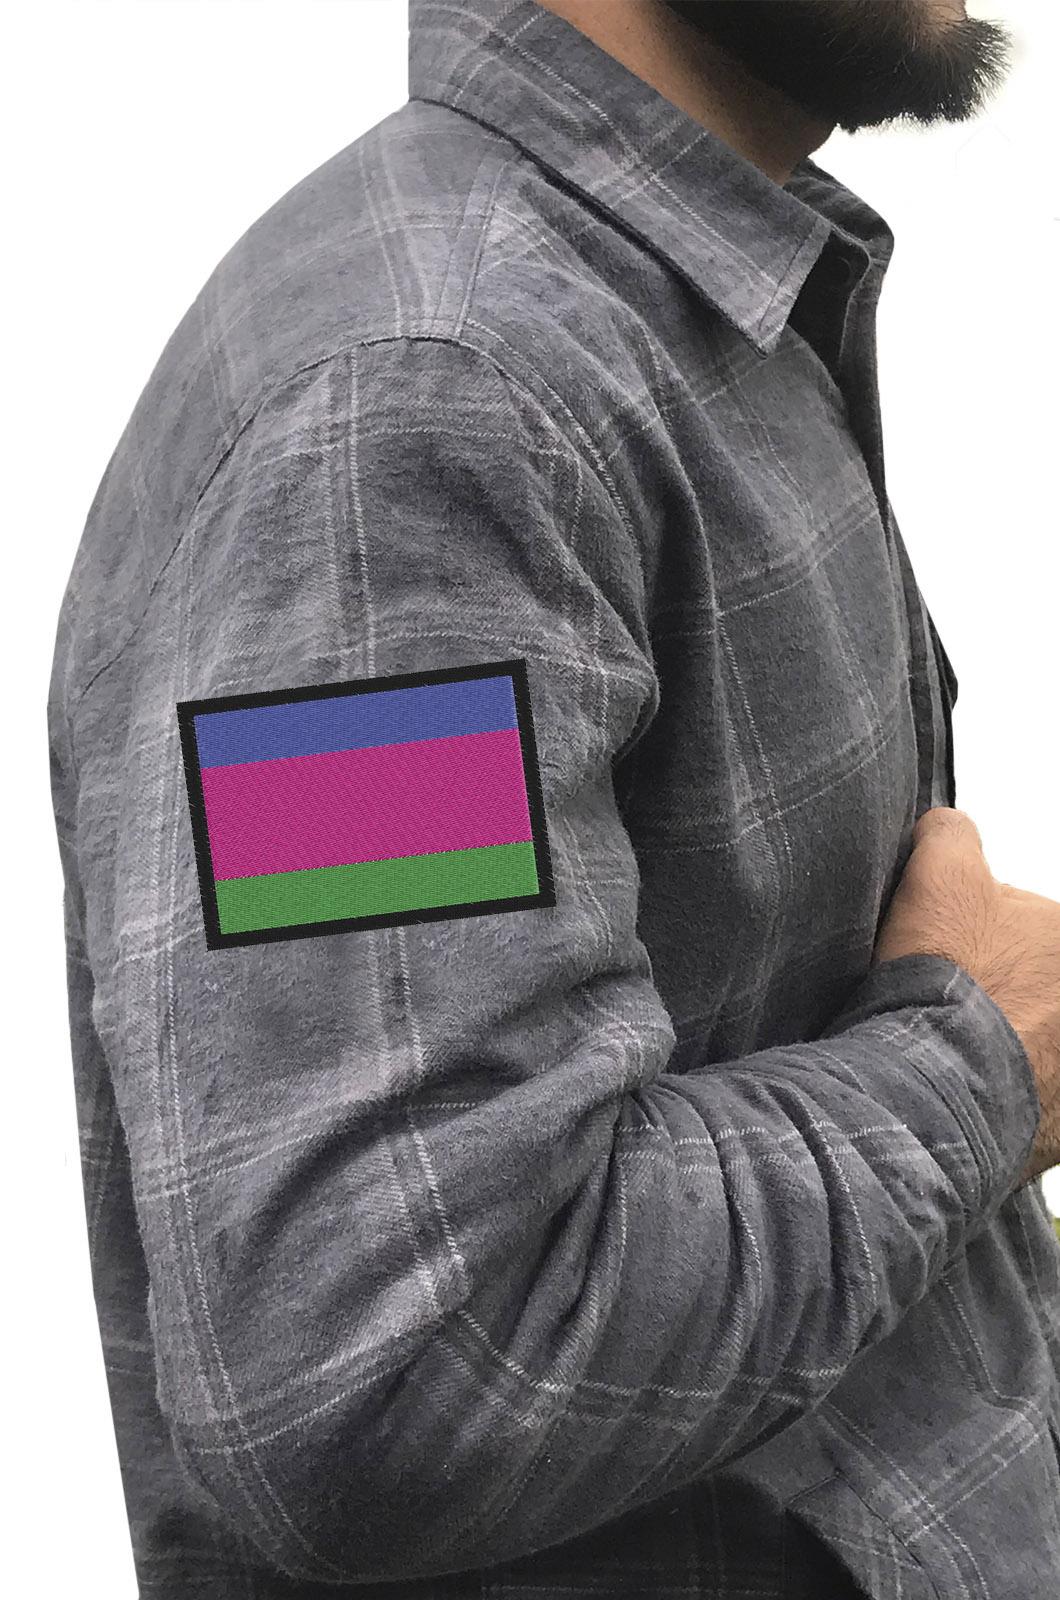 Мужская серая рубашка с вышитым шевроном Войска Кубанского - купить в розницу